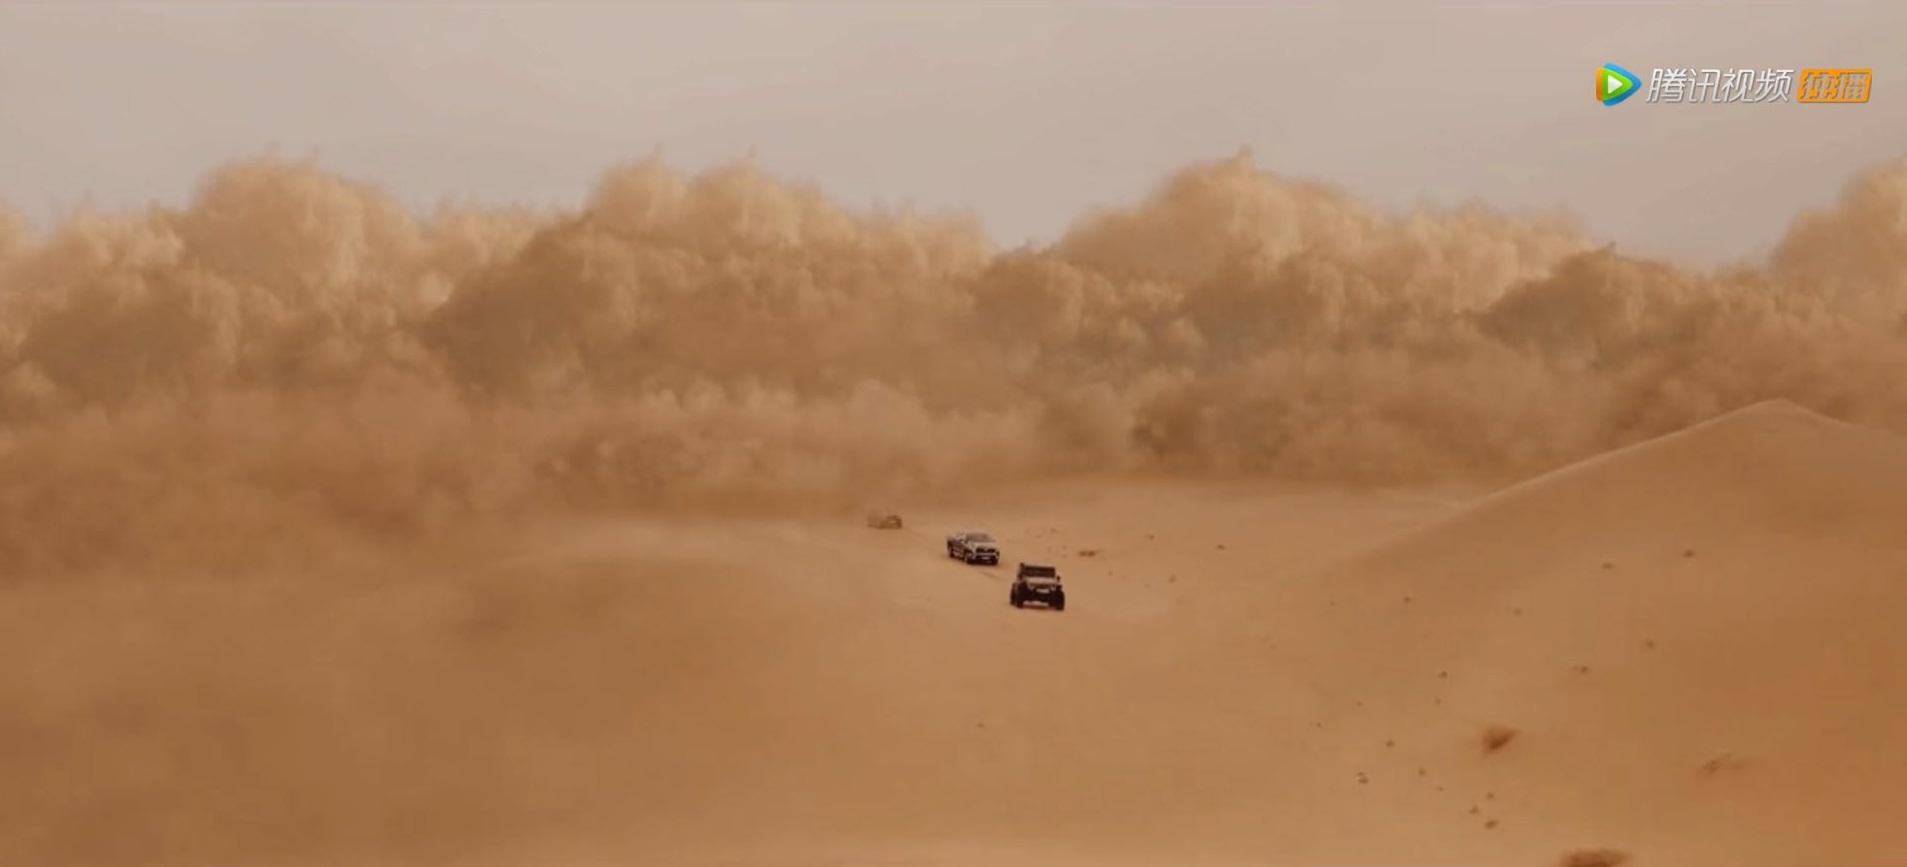 这些细节告诉你《沙海》的制作有多棒的照片 - 5